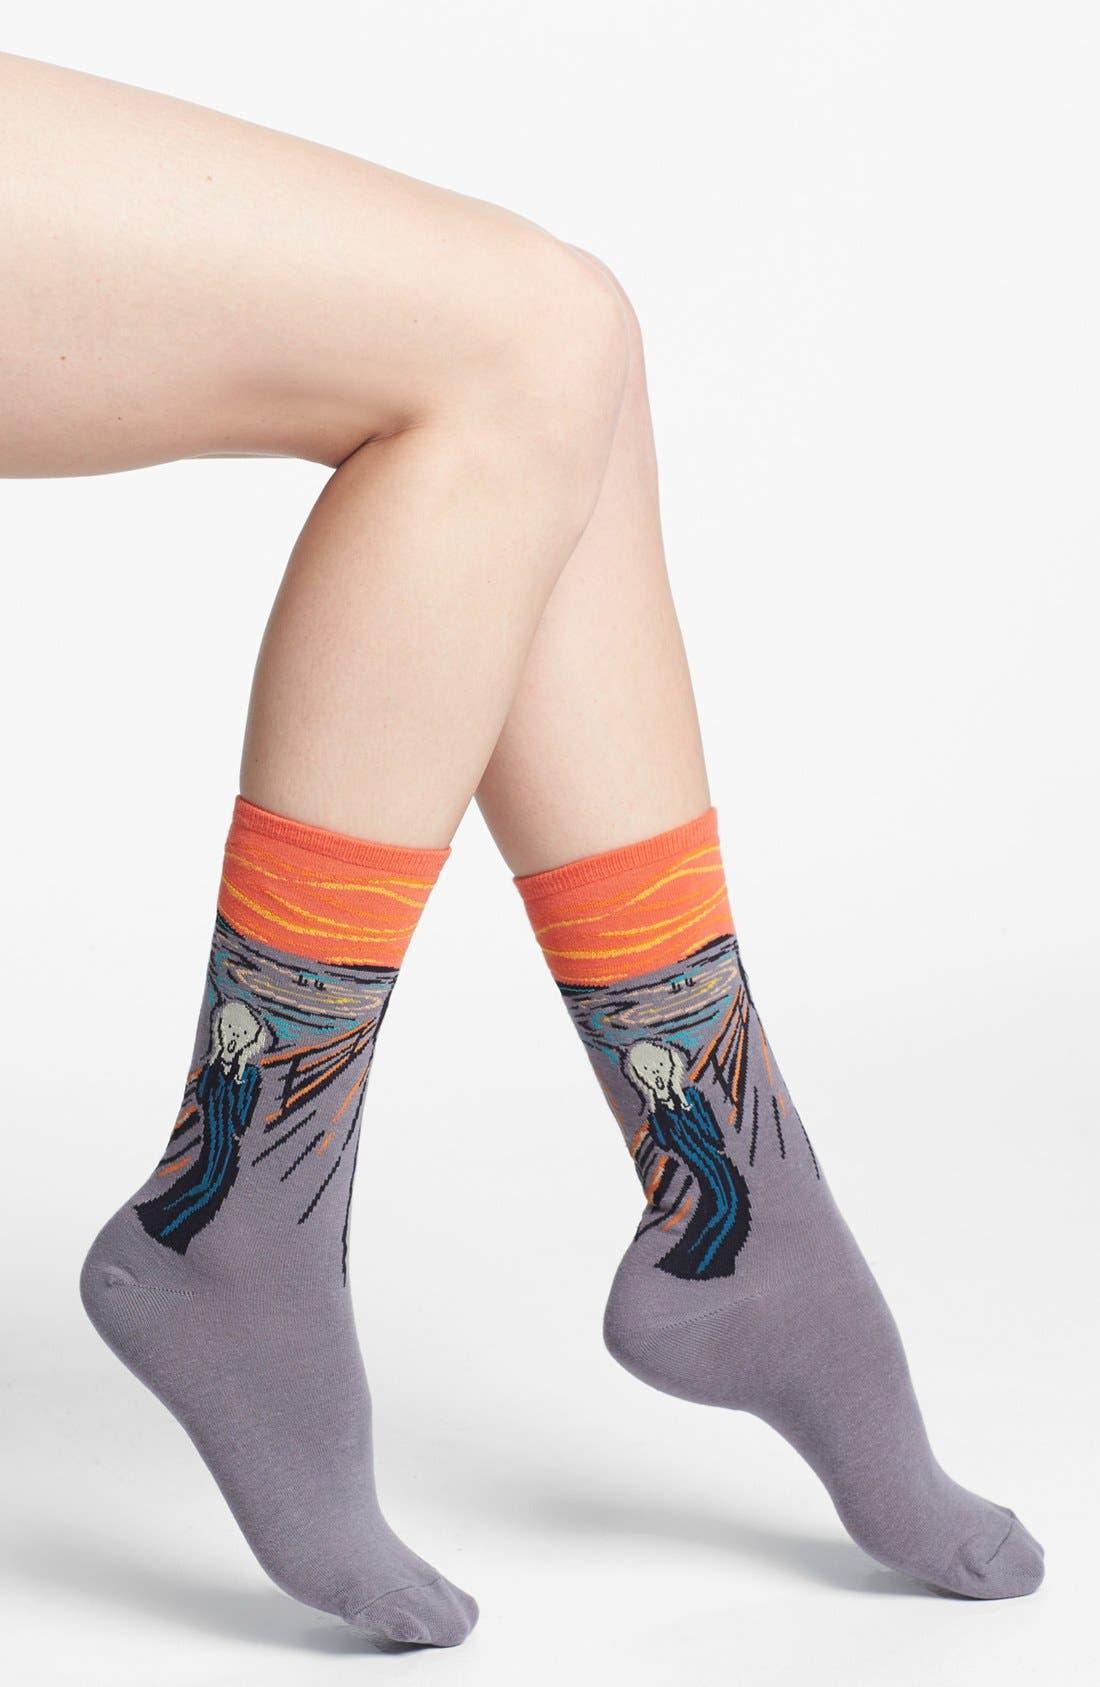 Hot Sox 'Scream' Socks